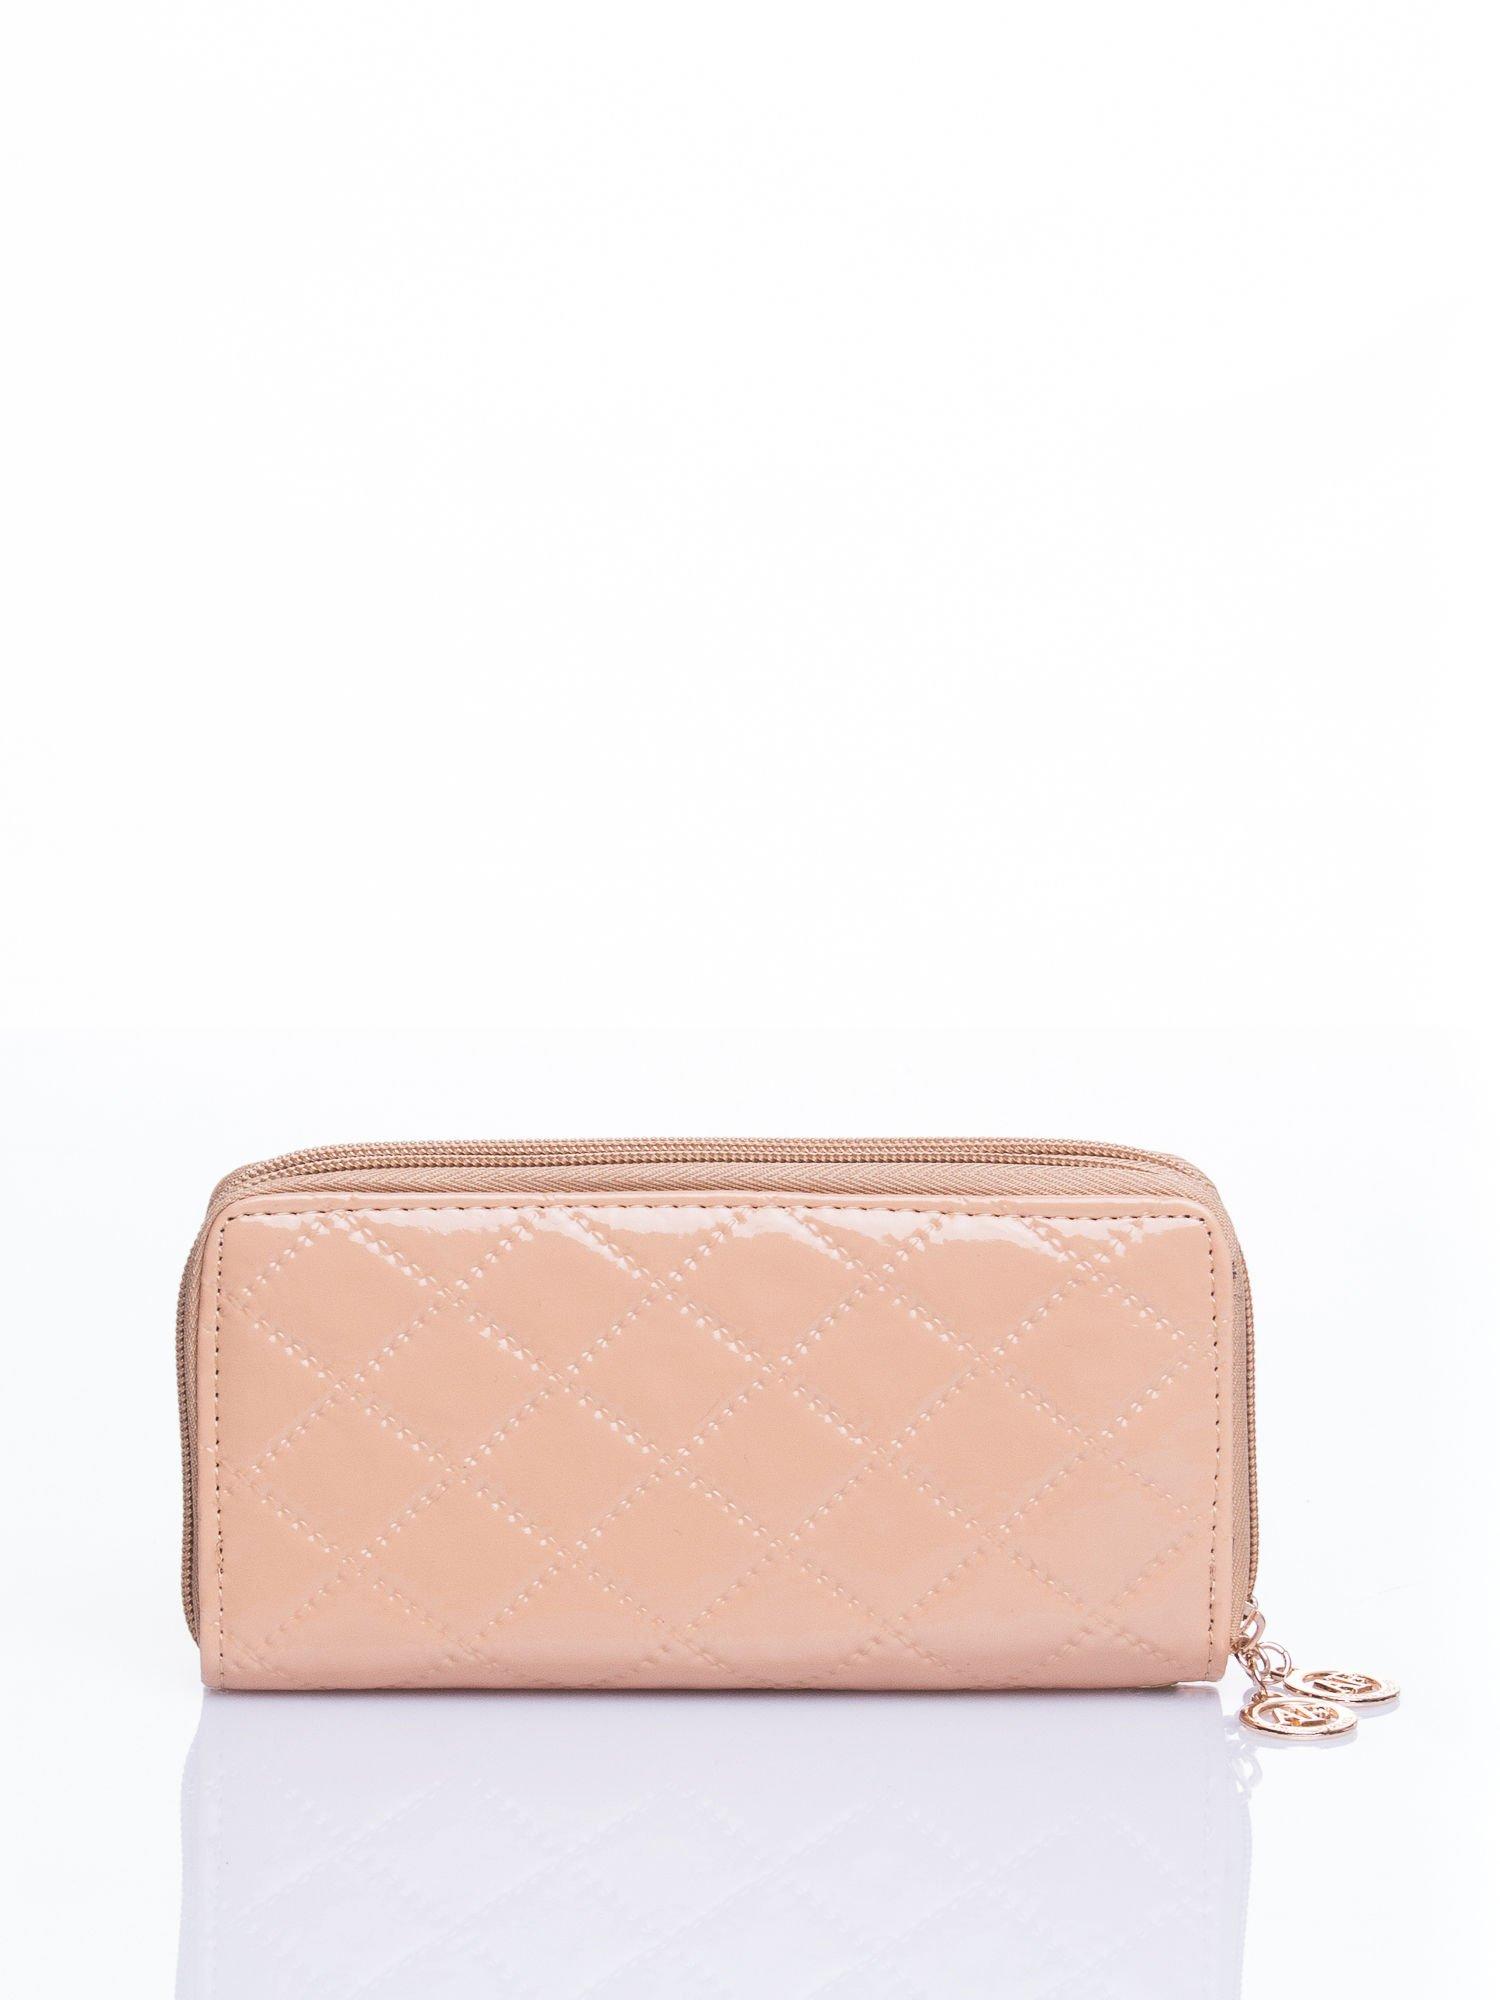 Kremowy lakierowany pikowany portfel                                  zdj.                                  3